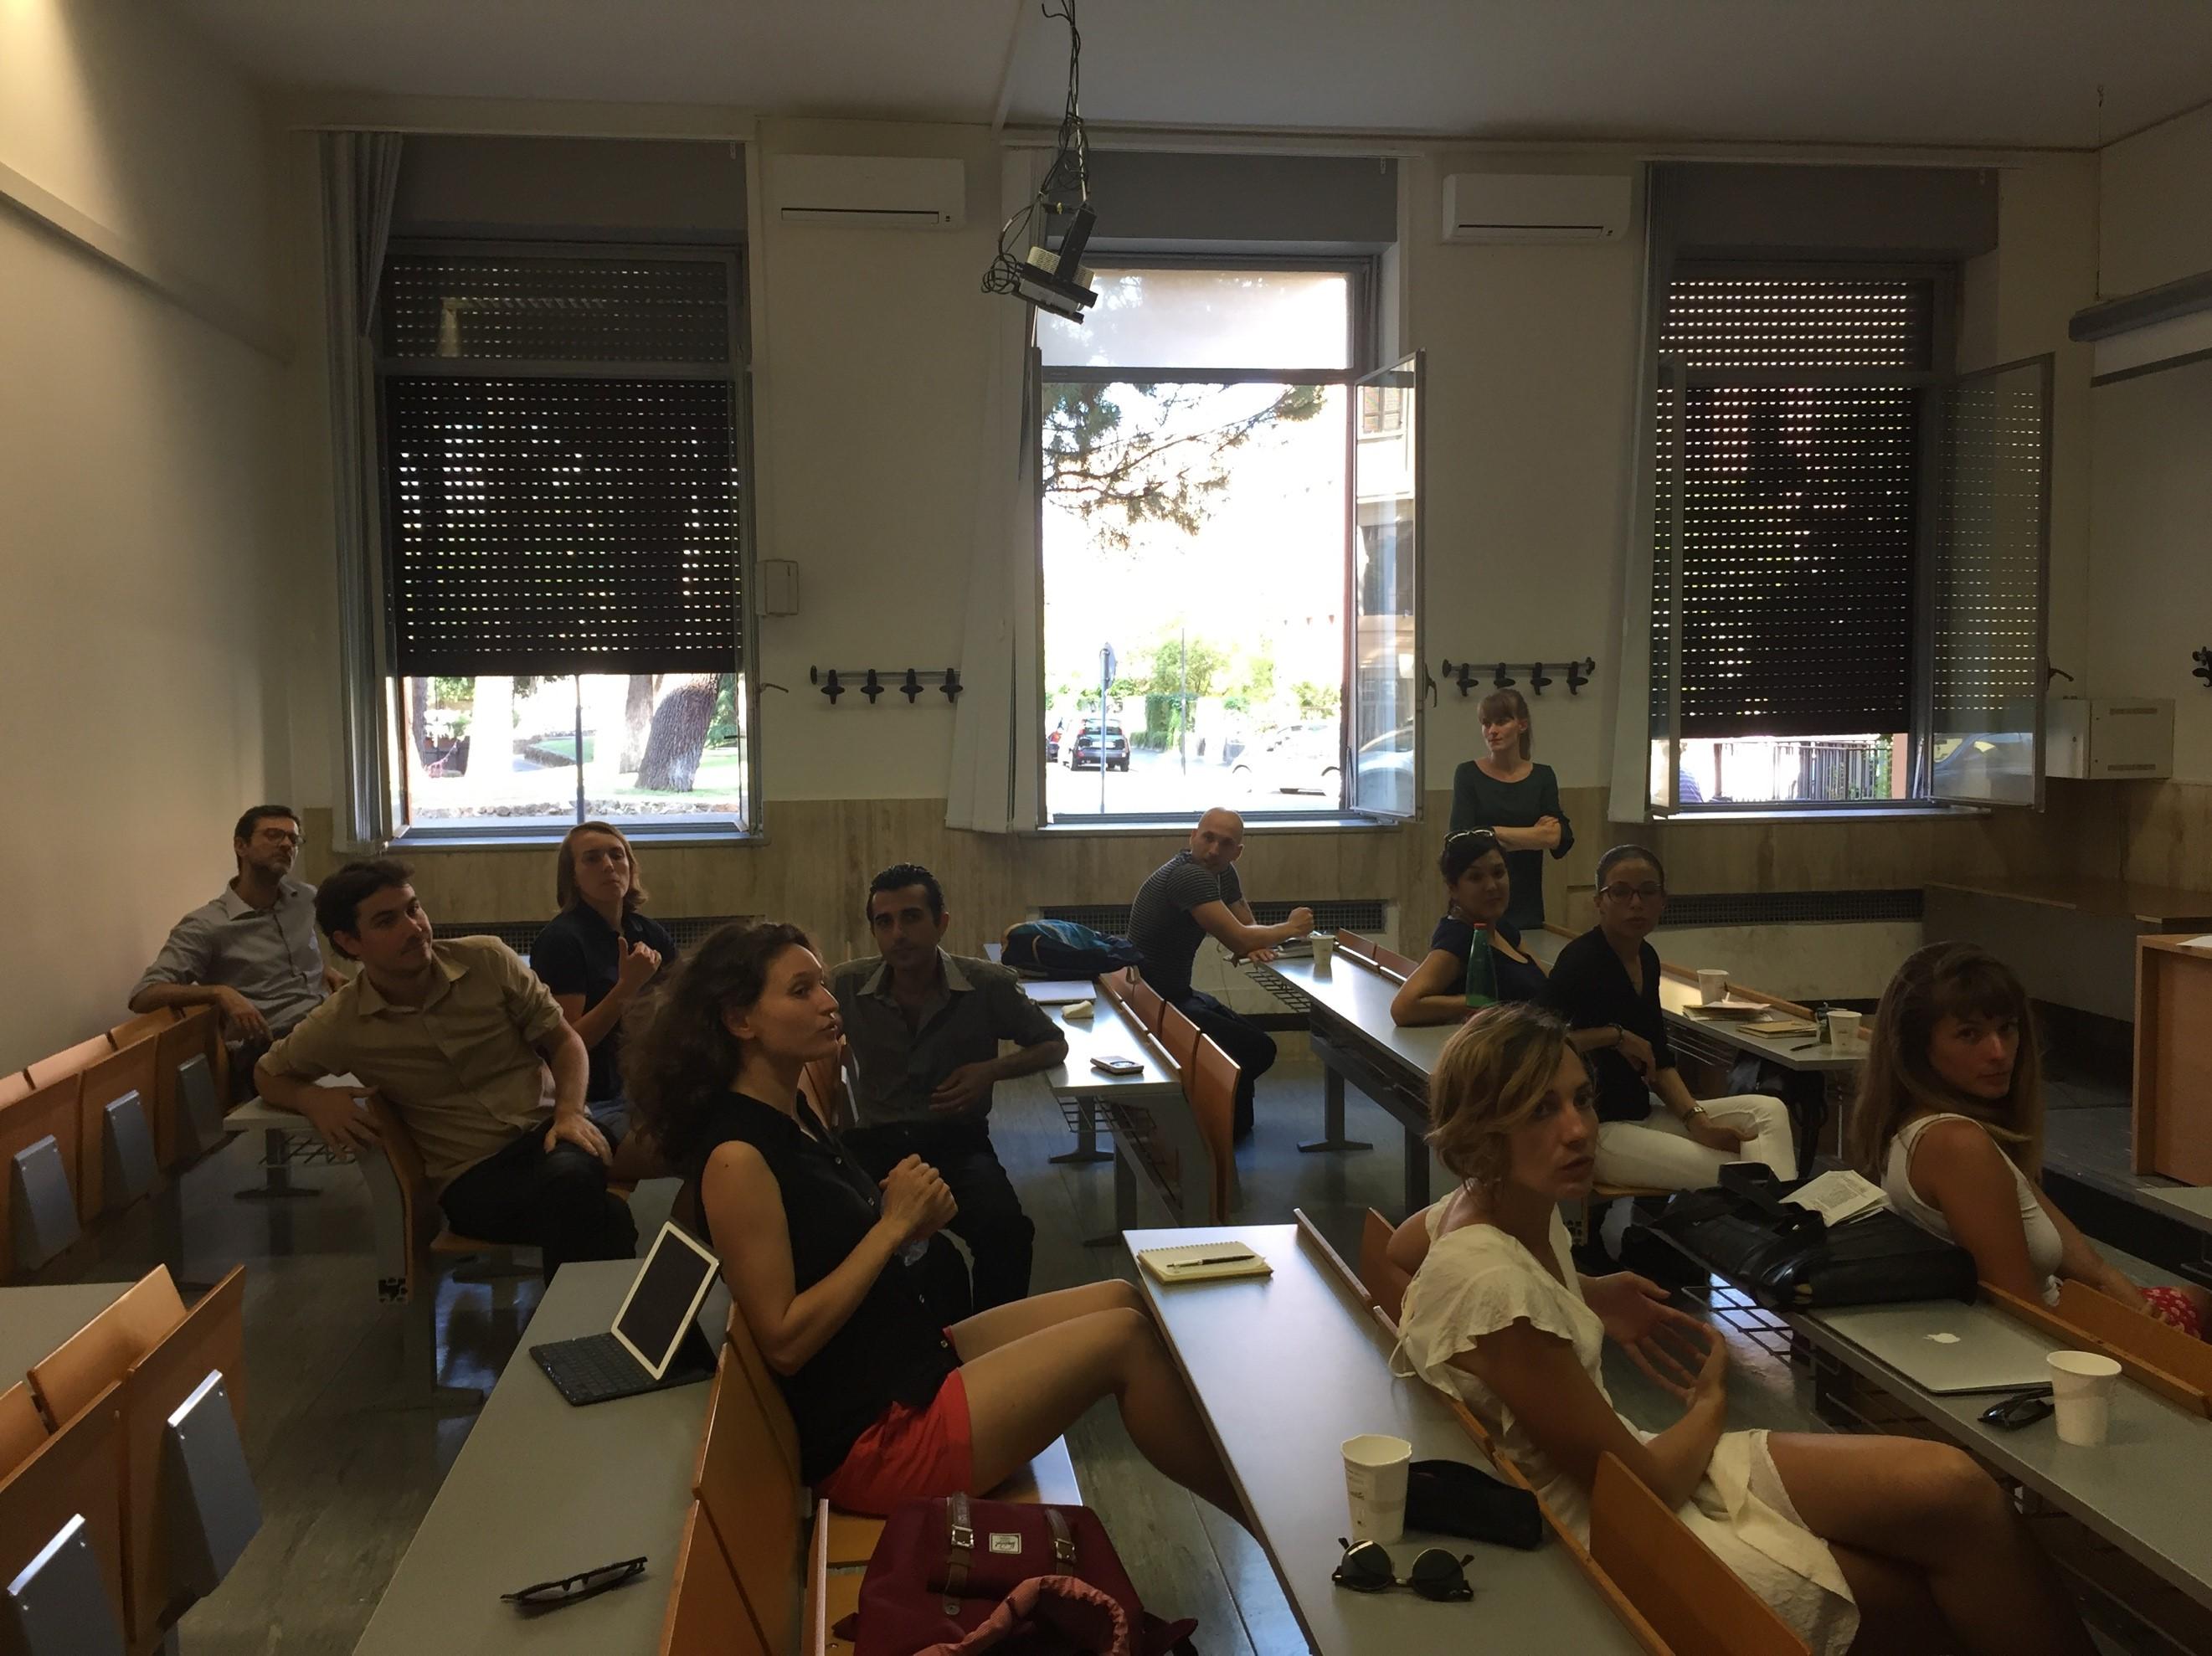 L'après-midi de réflexion des doctorants (crédits photographiques : Céline Regnard, TELEMMe, AMU-CNRS)